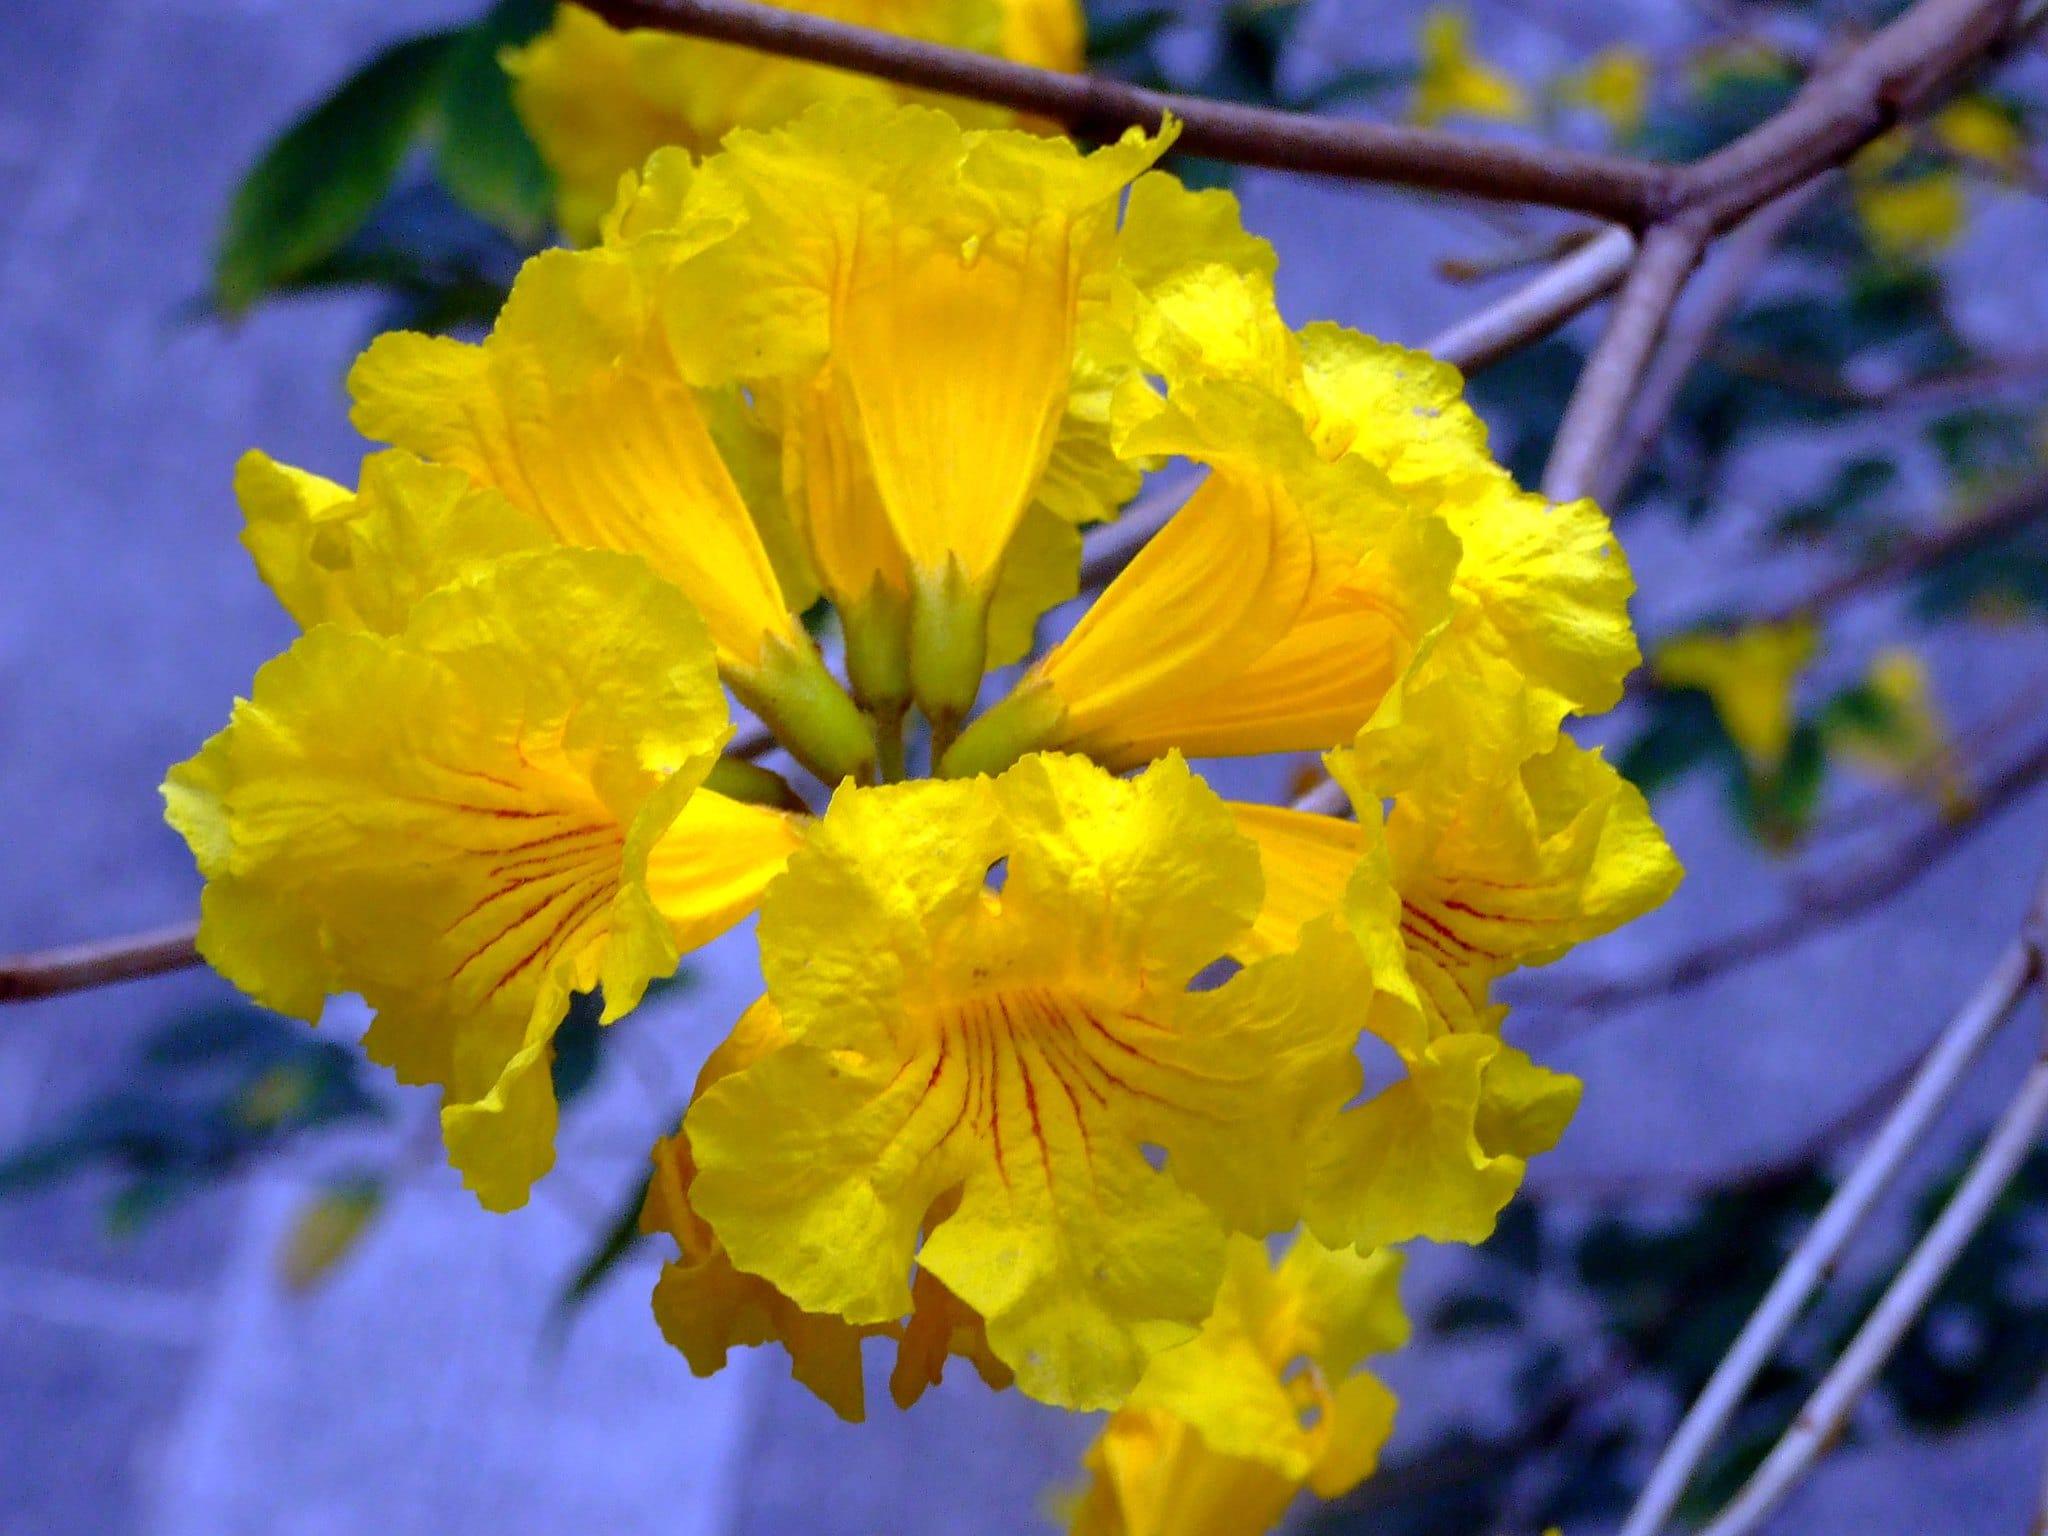 Vista de las flores del guayacán amarillo